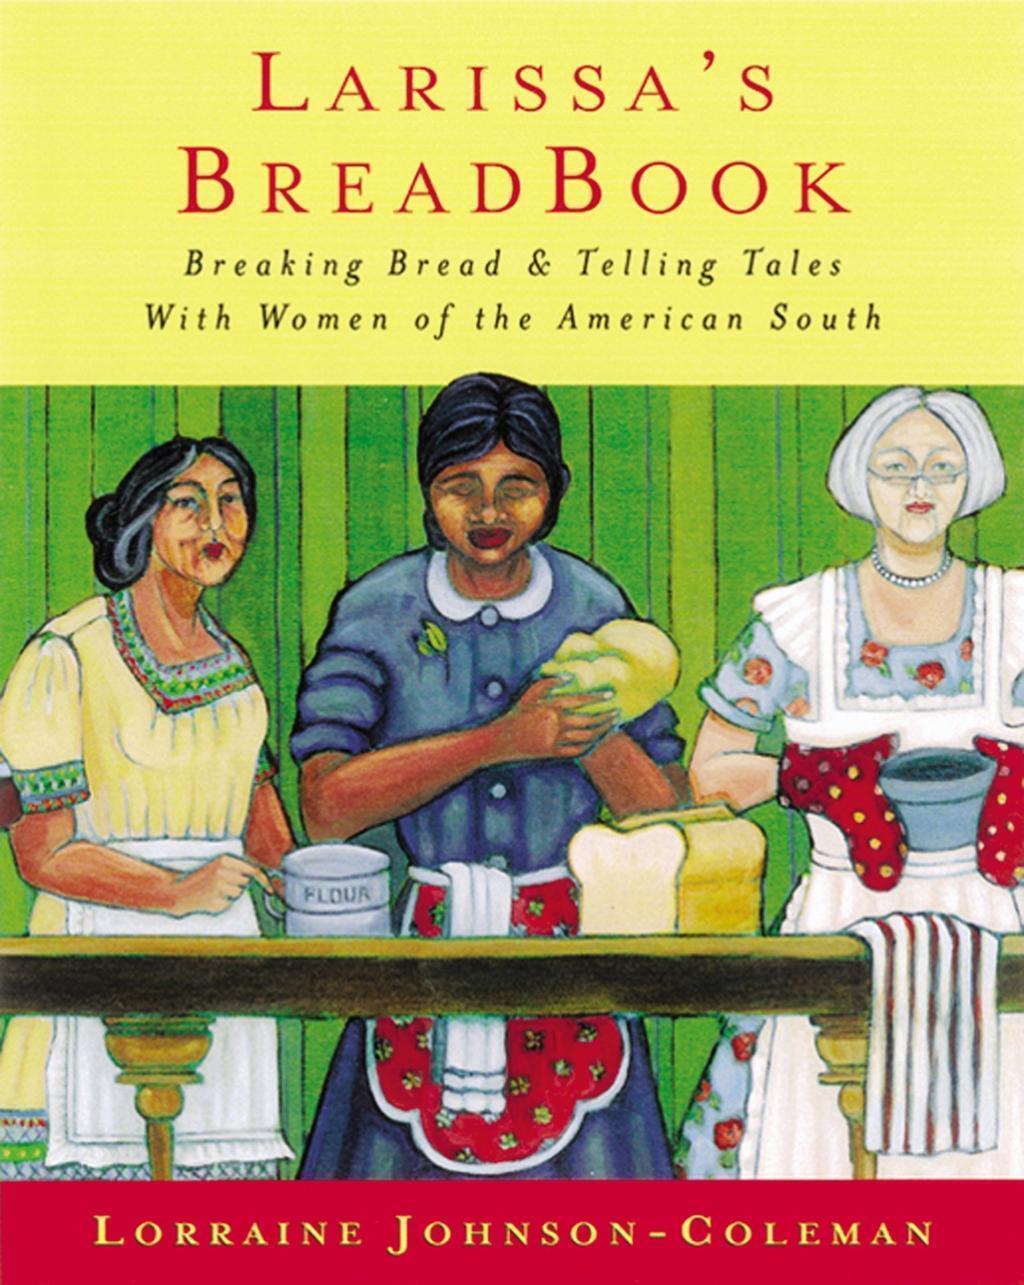 Larissa's Breadbook